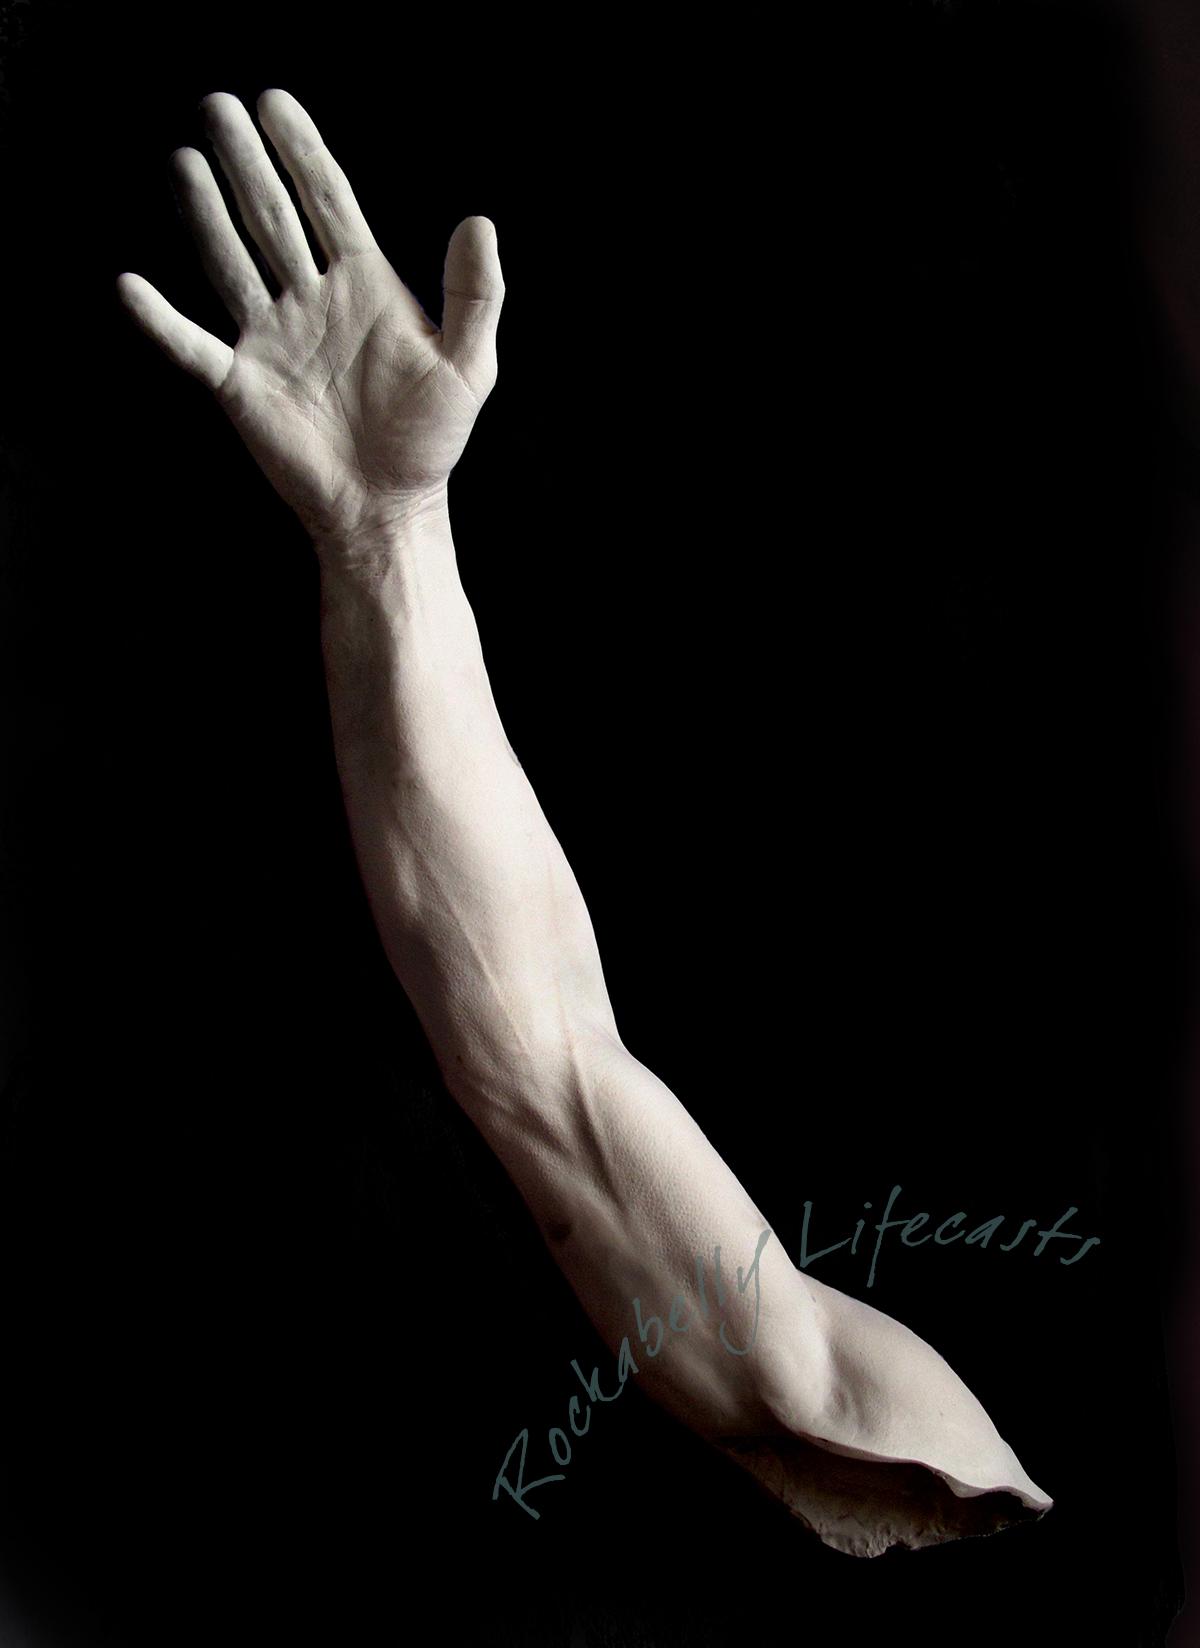 ADULT HANDS/FEET